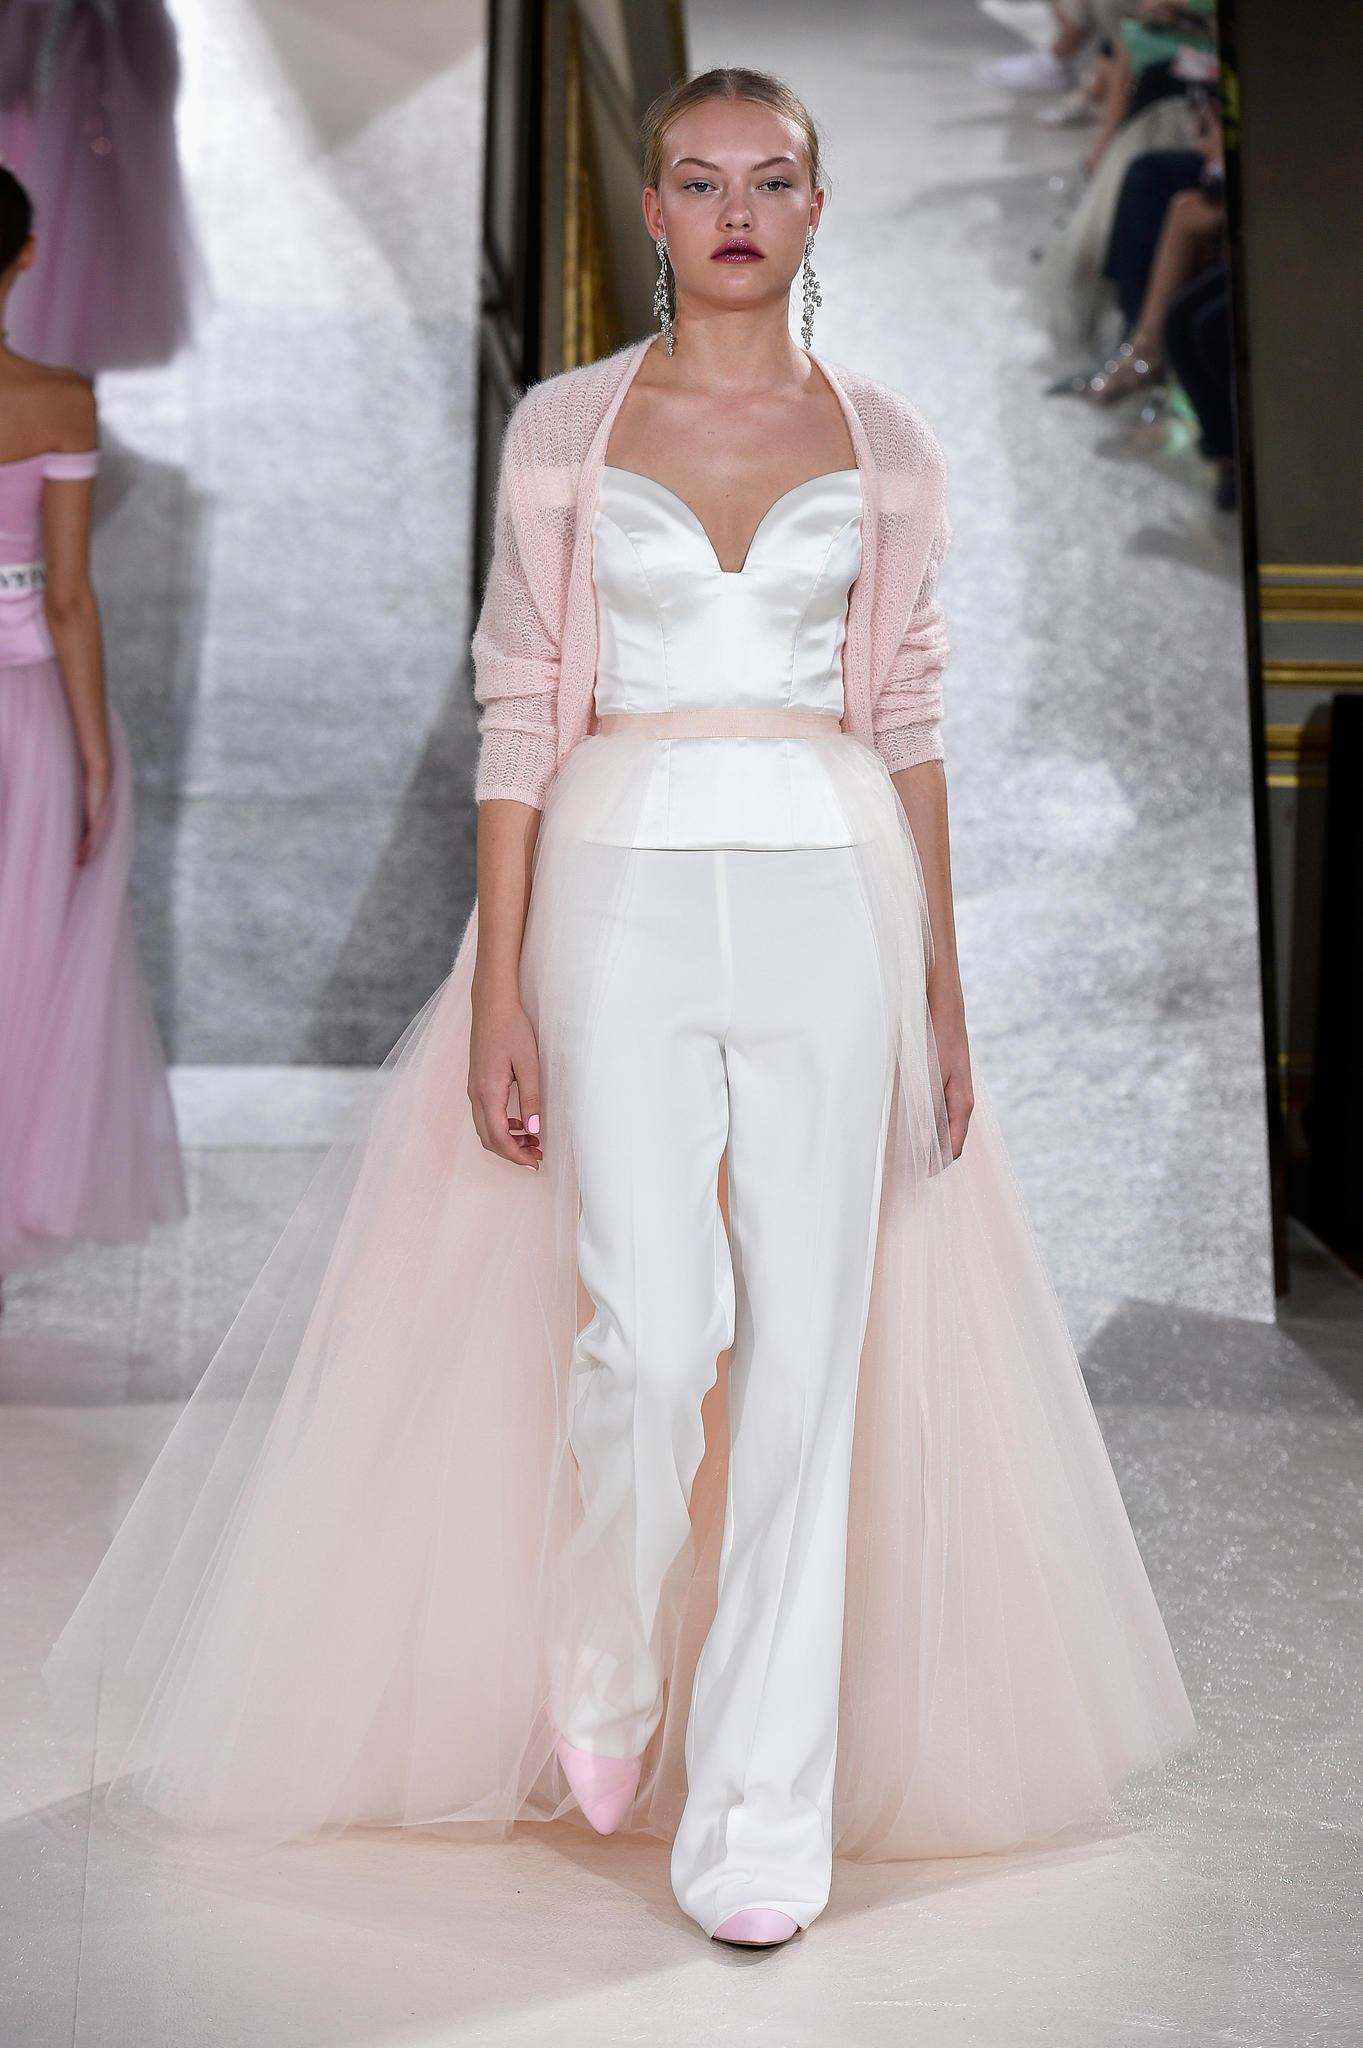 Kaviar Gauche: Die Brautkleider für Frühjahr/Sommer 2018   BRIGITTE.de